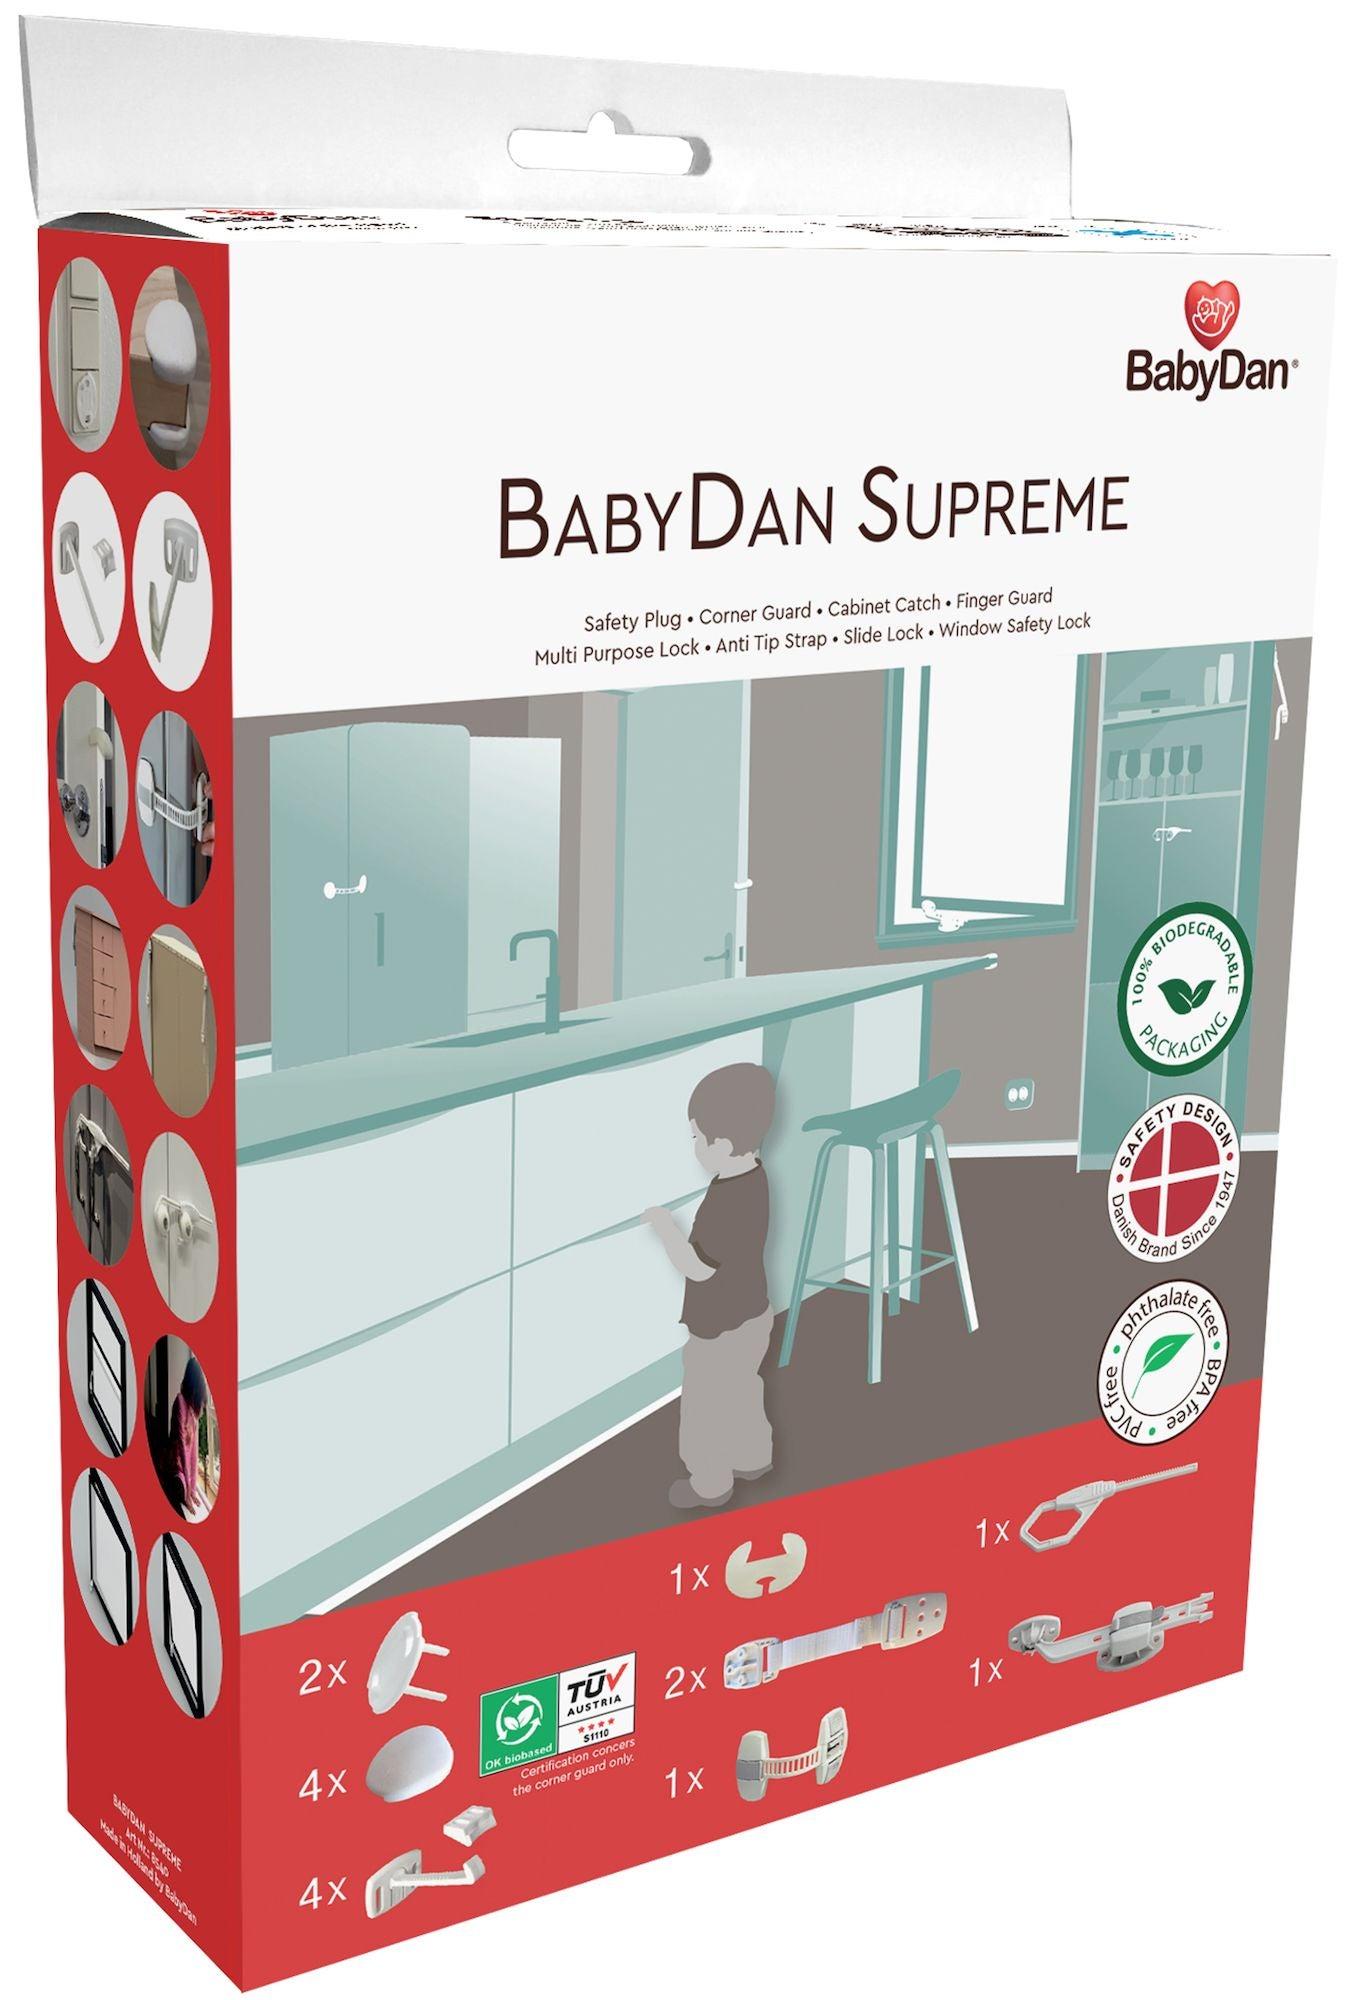 BabyDan Kodin Turvatuotteet Aloituspakkaus, 16 osaa